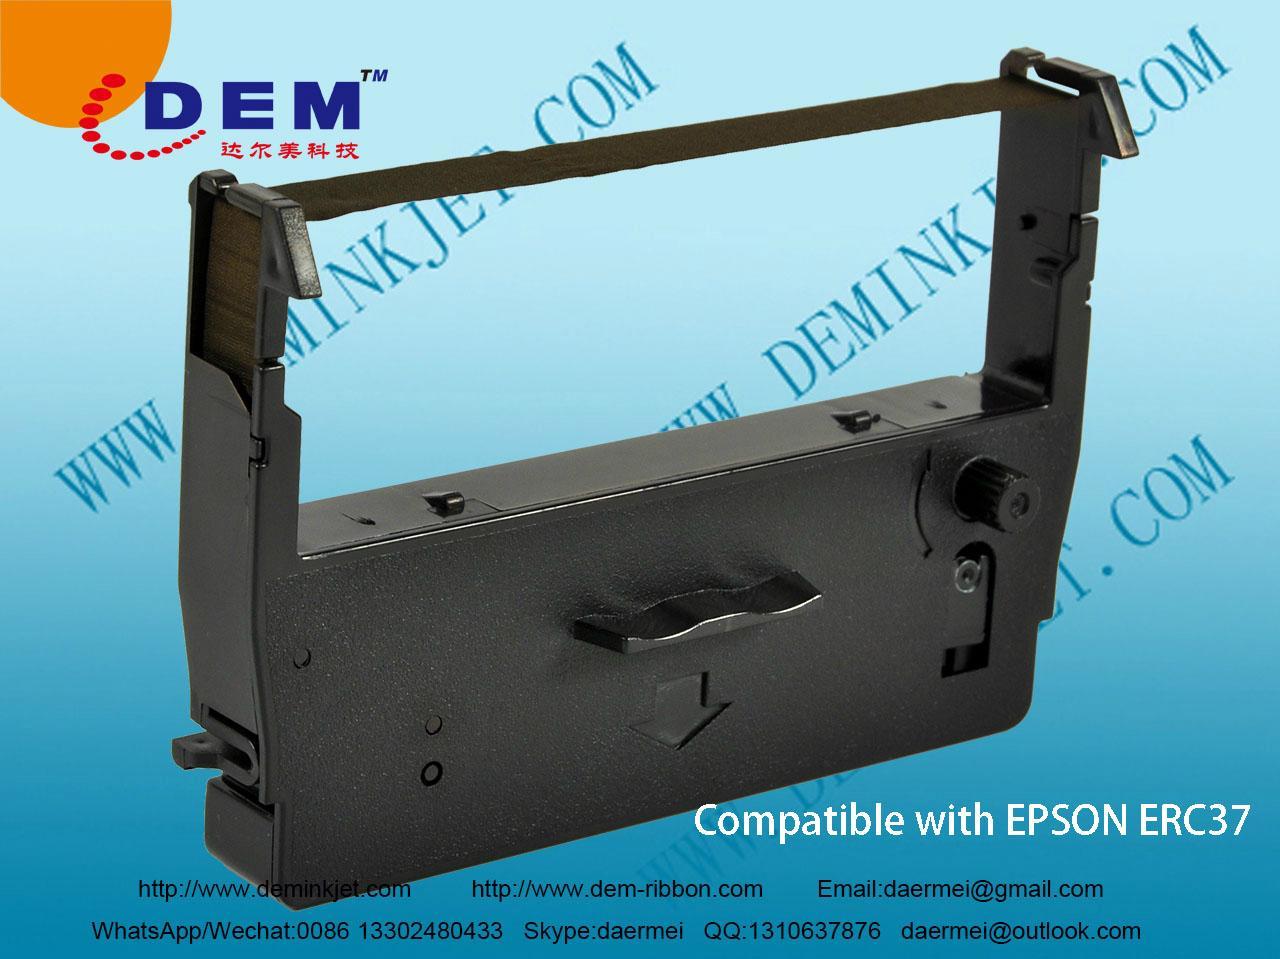 EPSON  ERC37,ERC-37, FUJITSU G-930 POS RIBBON